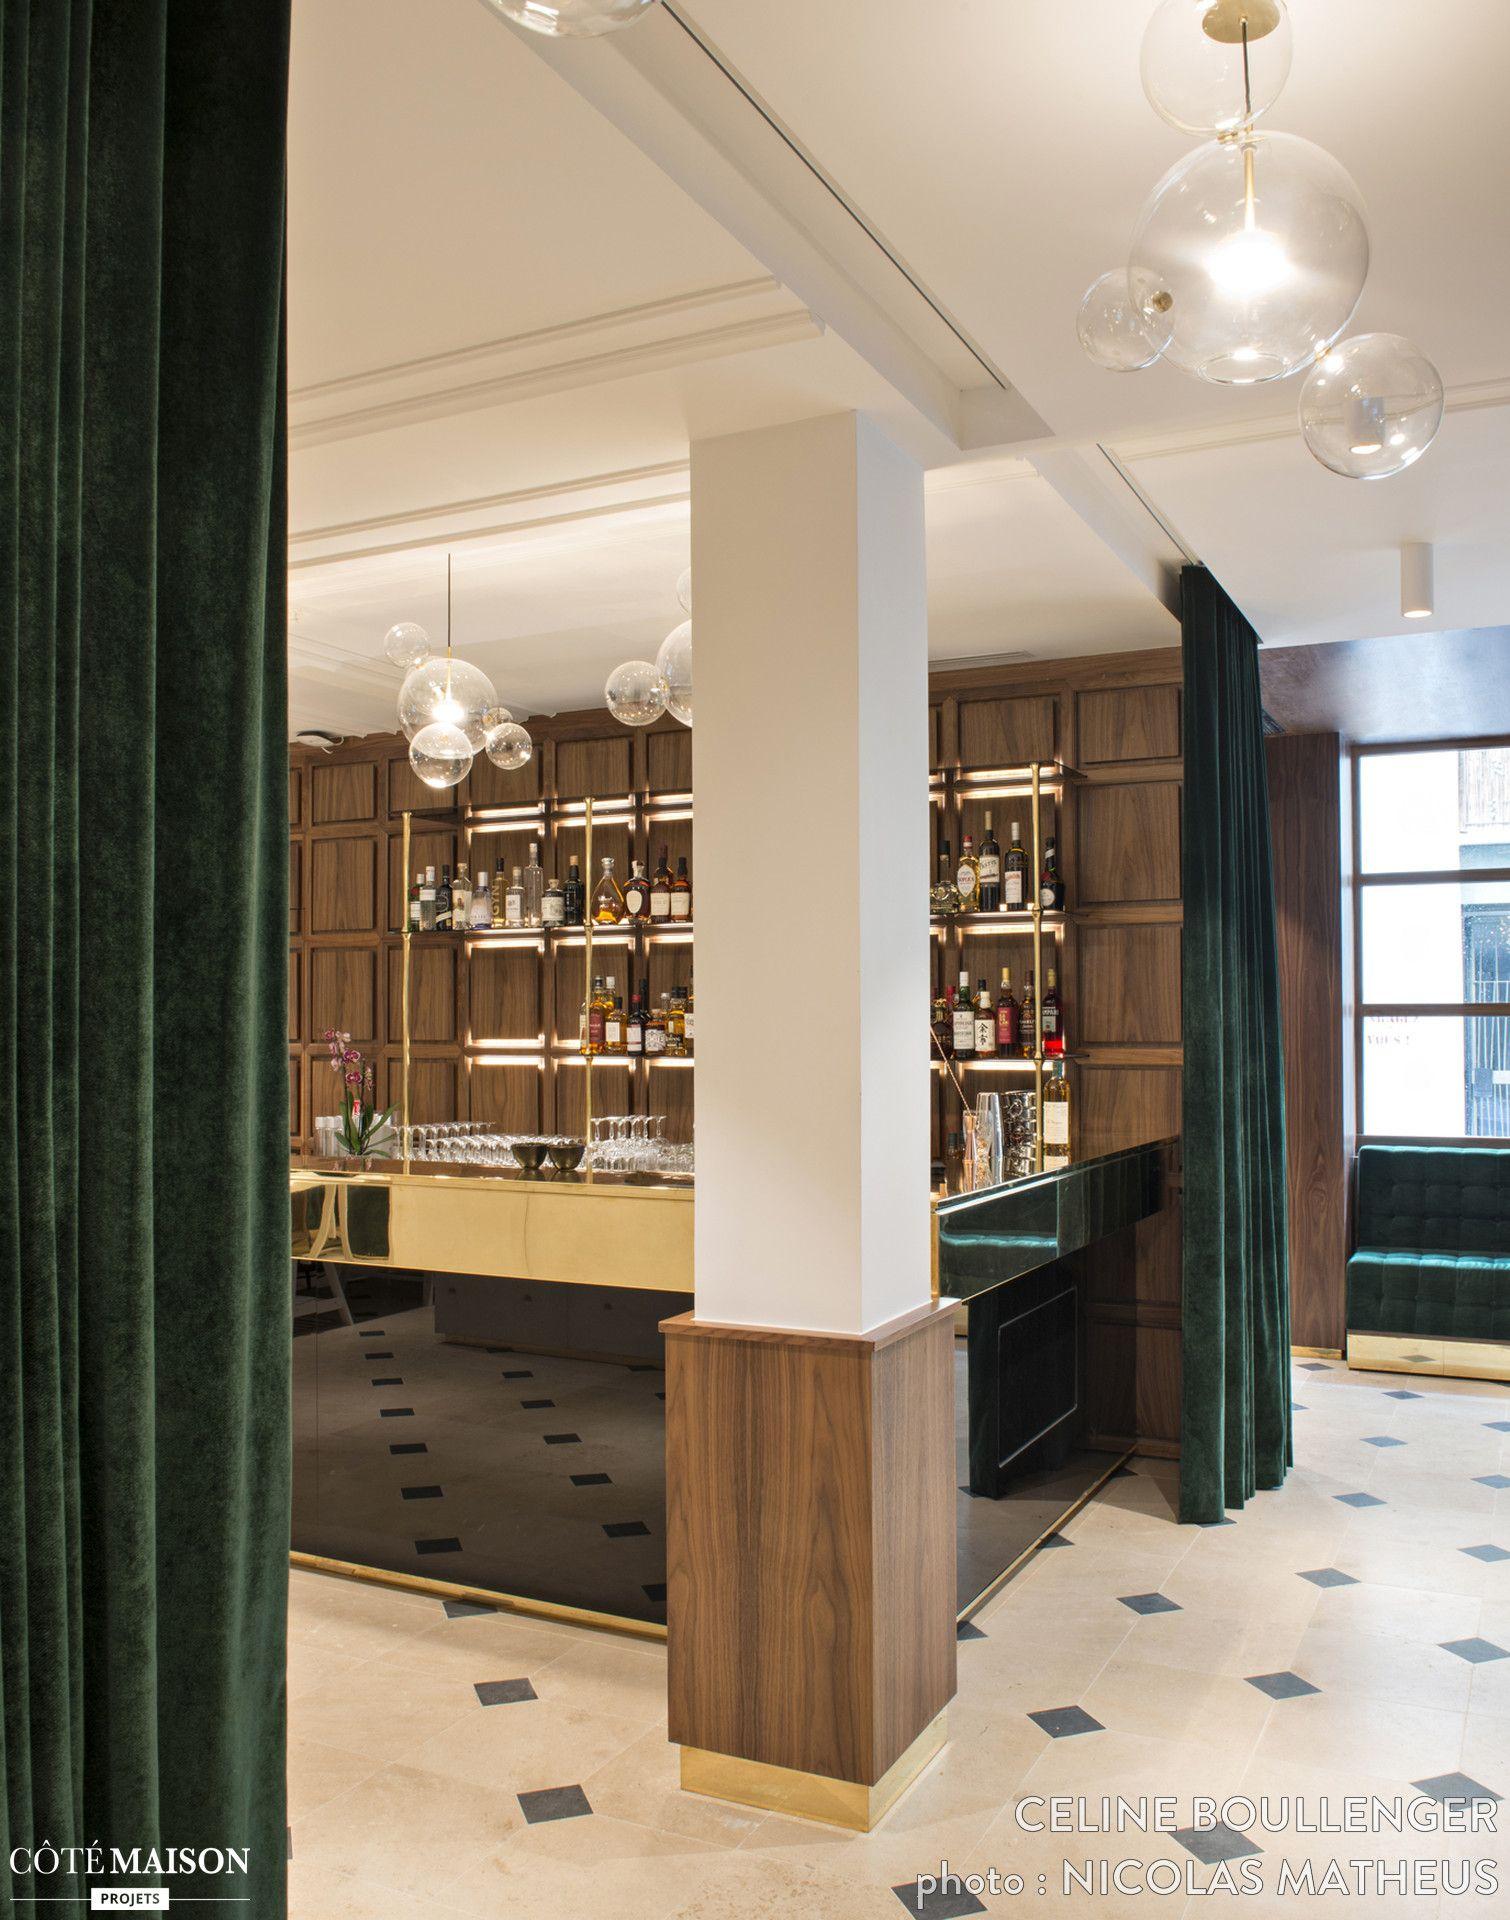 Interieur D Un Bar hotel parister, celine boullenger #lobby#bar#velours